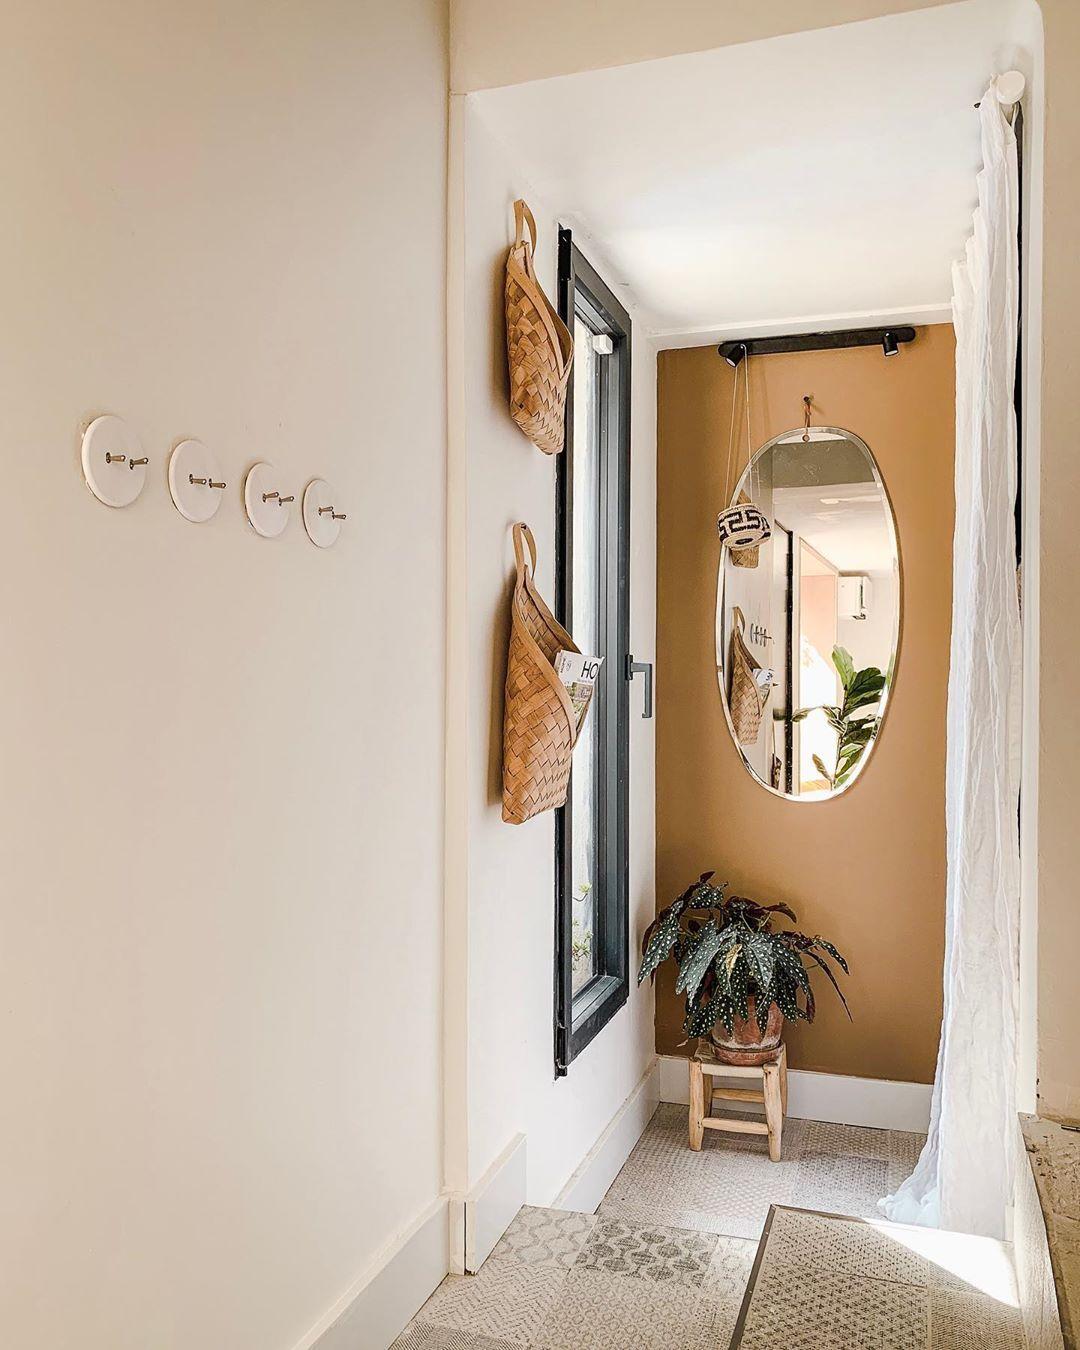 Les Plus Beaux Interieurs D Instagram La Maison De Juliana A Montpellier En 2020 Decoration Interieure Entree Decoration Interieure Objets D Interieur